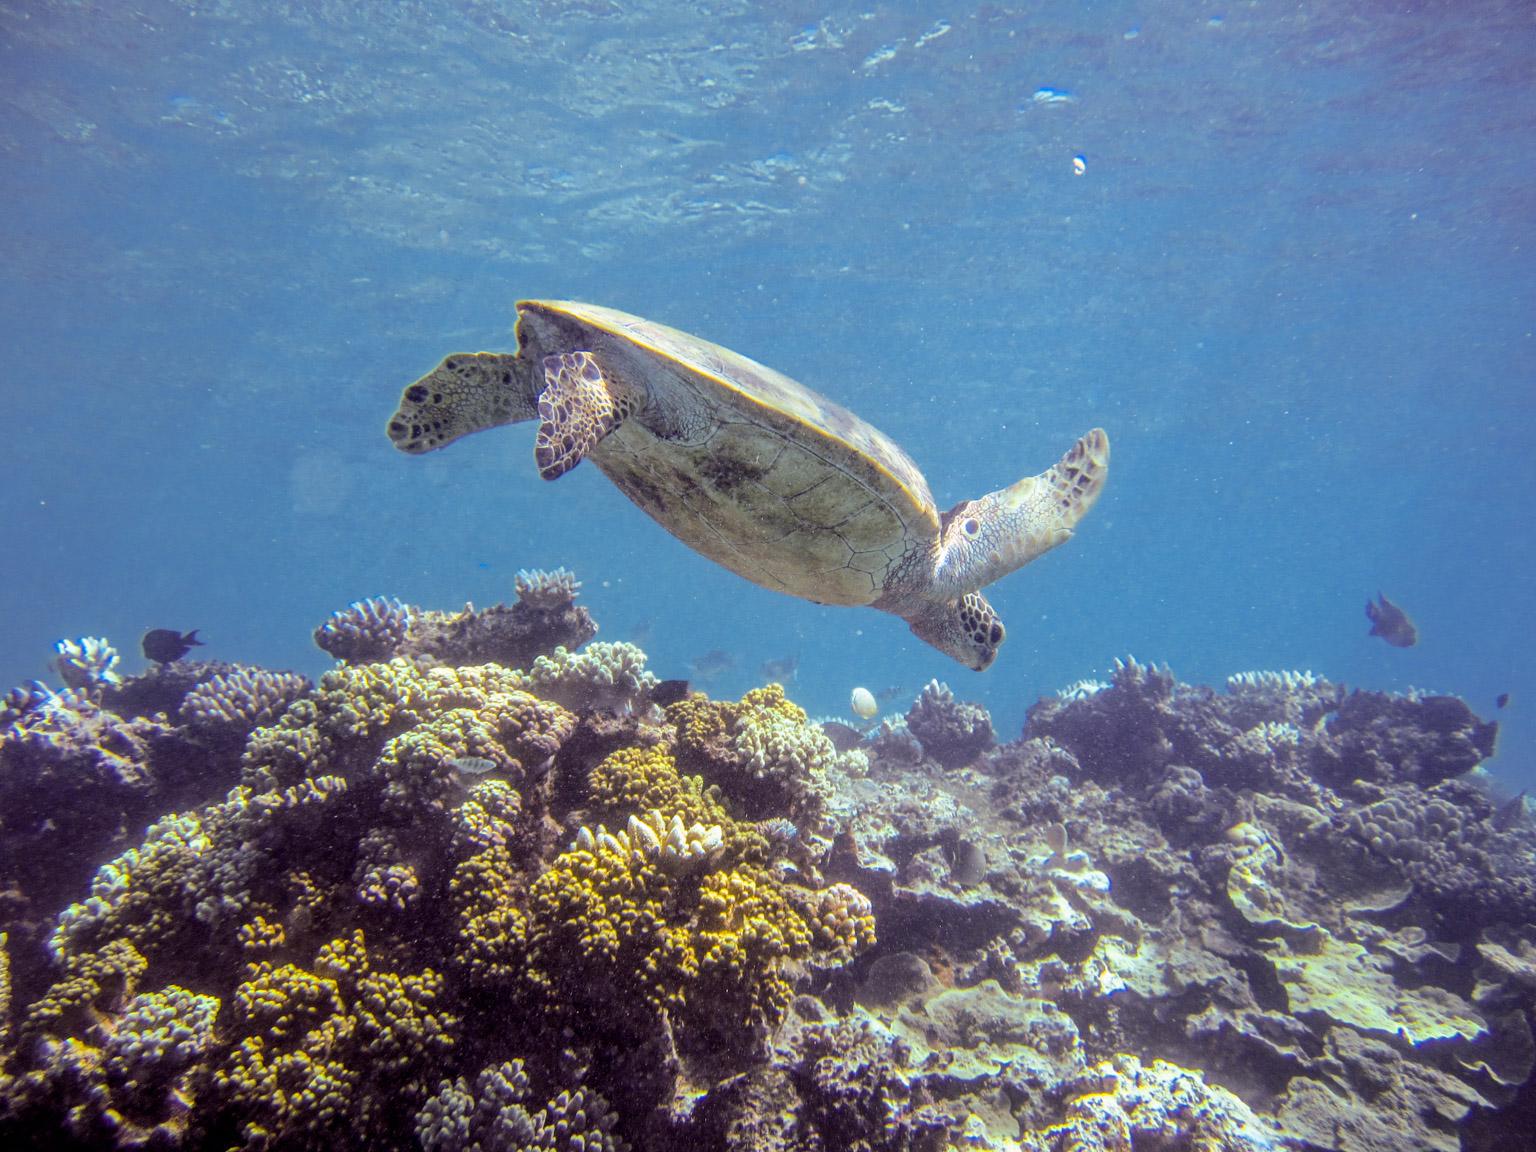 great barrier reef � february 2016 � douglas stebila